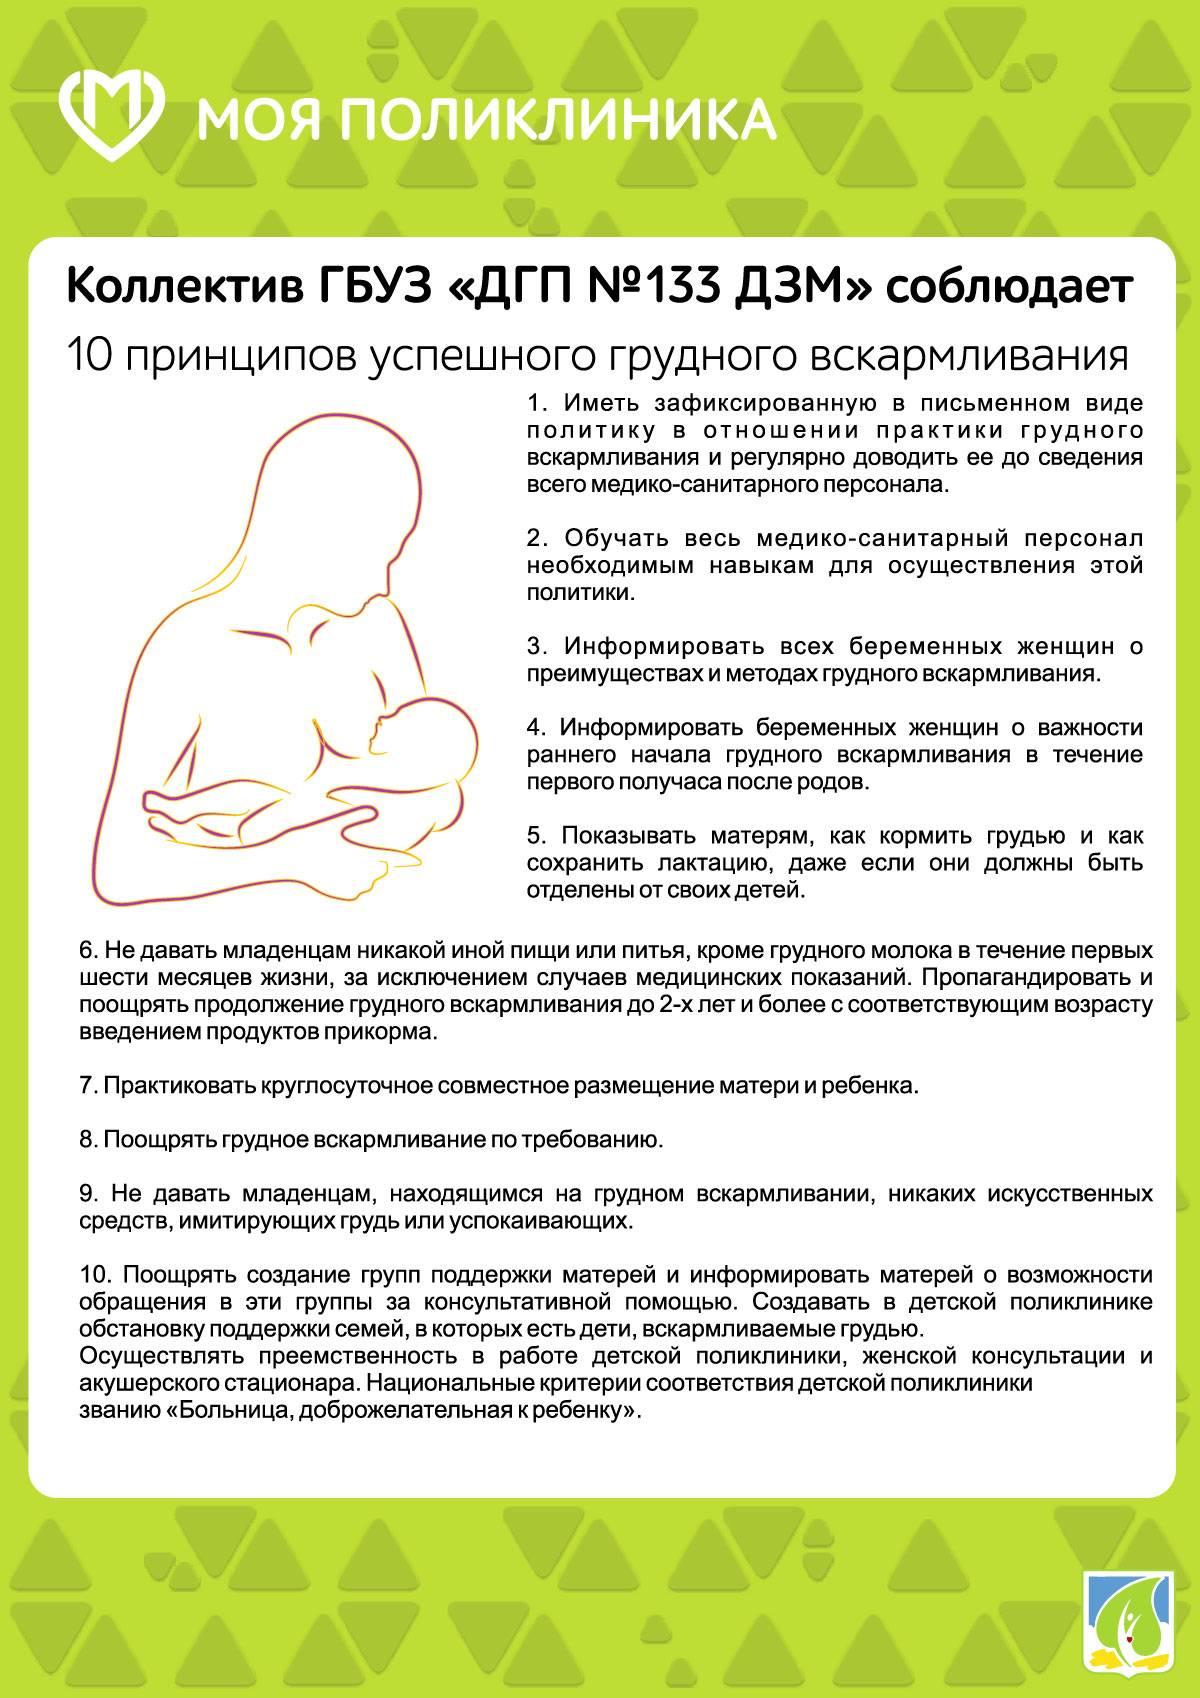 Воз о здоровом питании детей грудного и раннего возраста